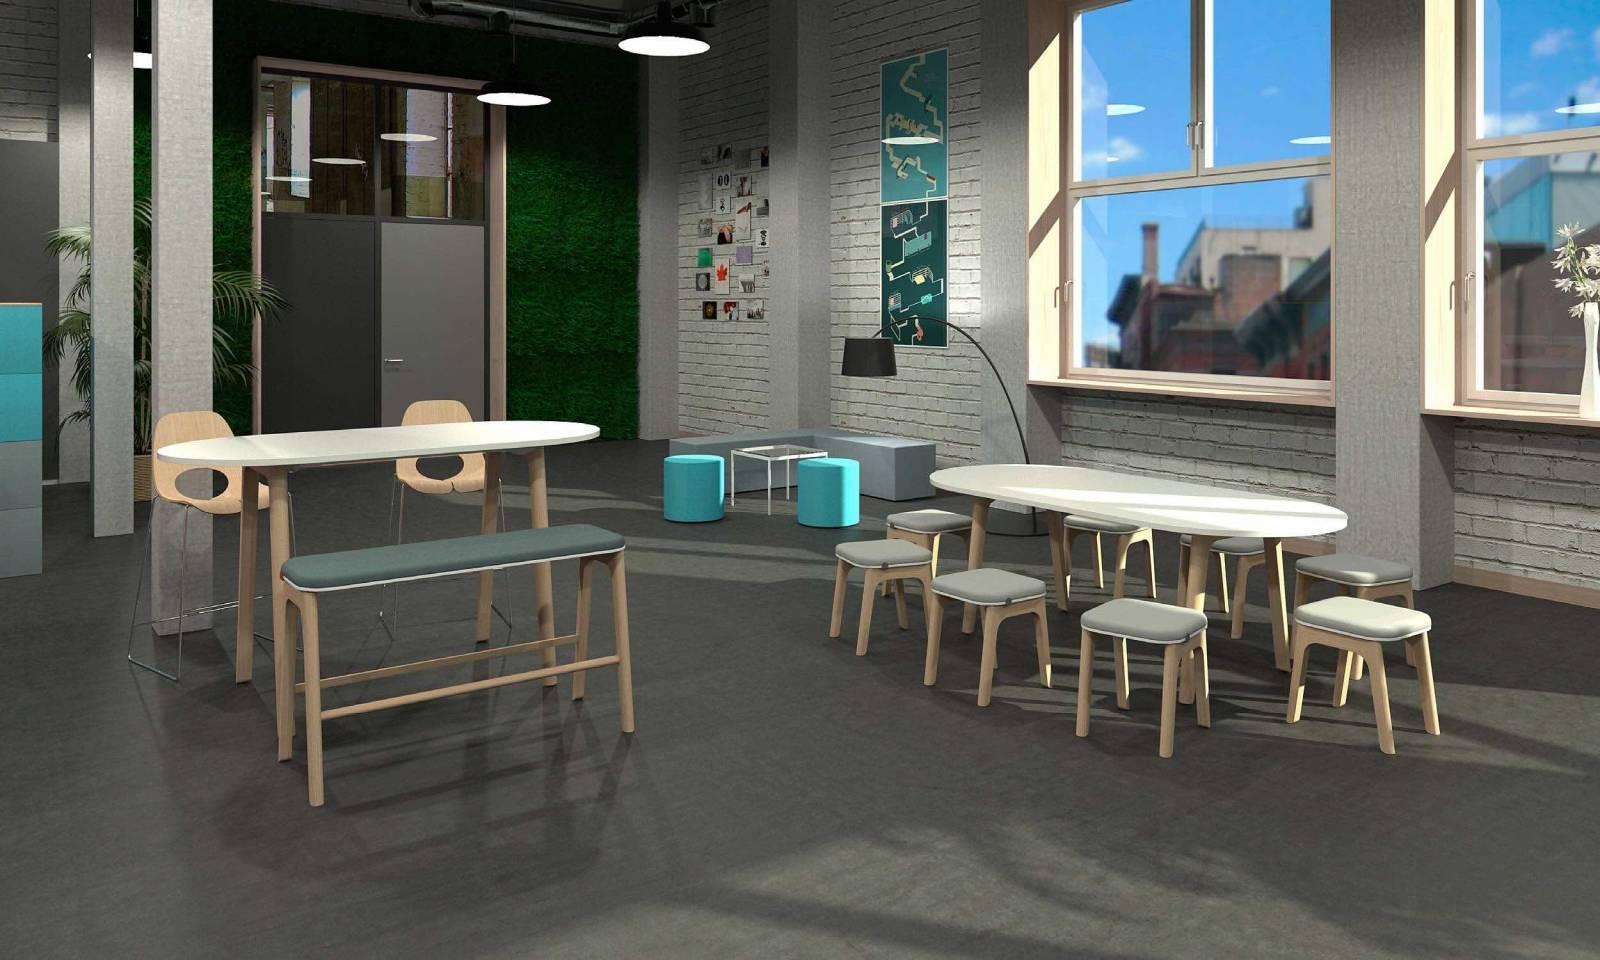 Espace détente/repas avec la gamme LEVITATE banc et tabouret